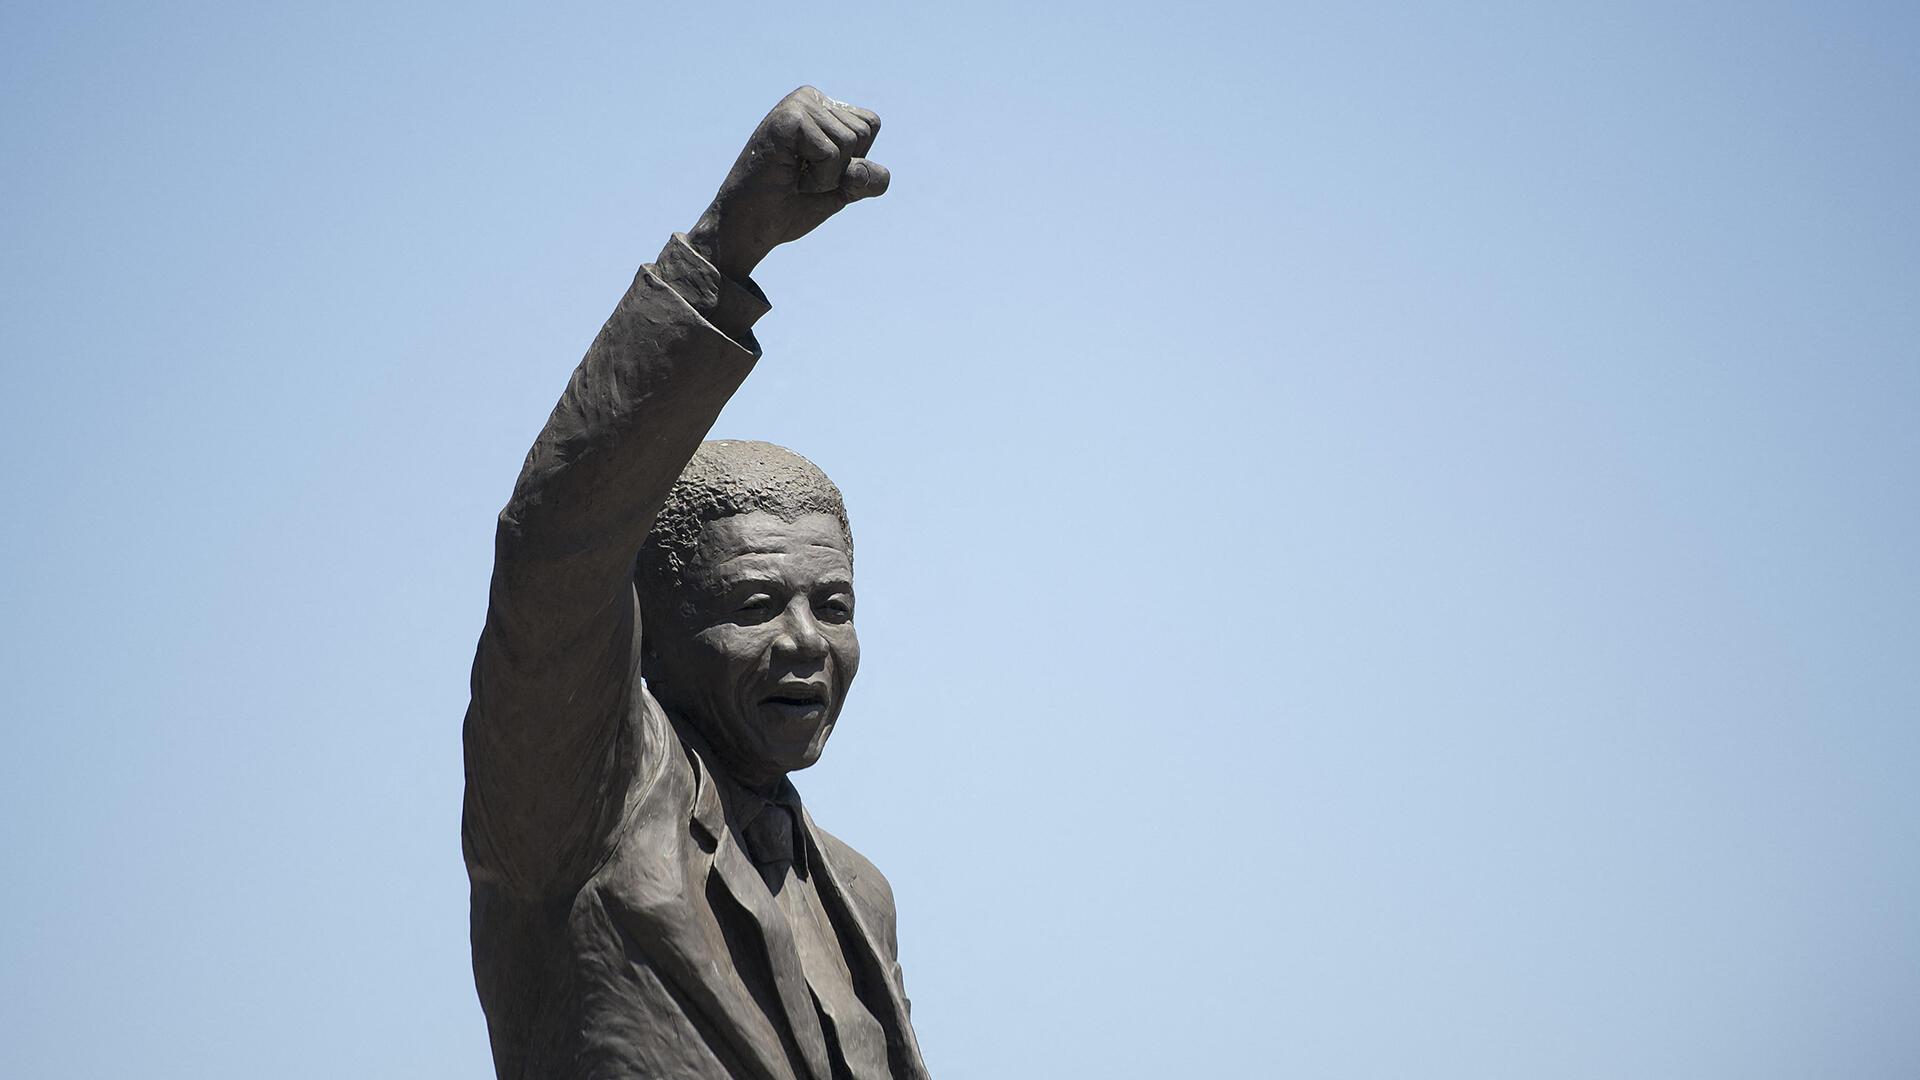 Afrique du Sud - Mandela - Apartheid - Statue - 000_1OC234